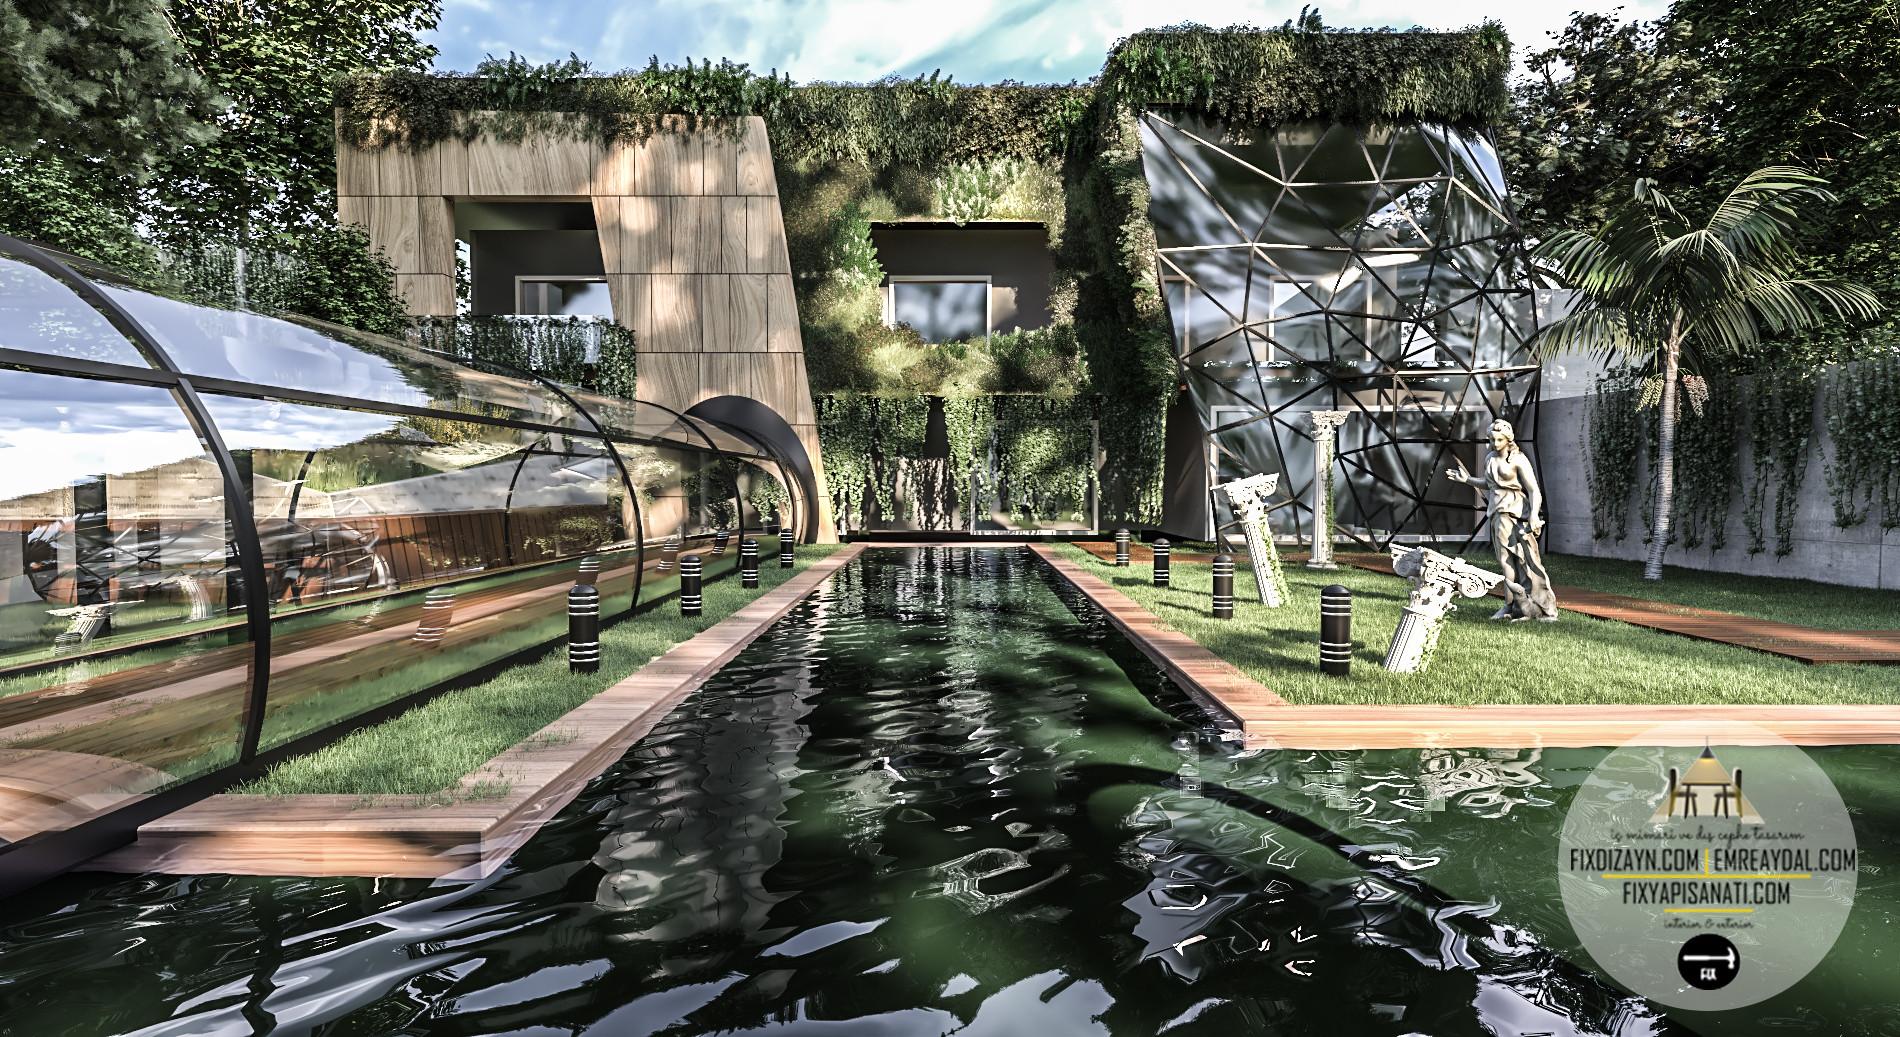 villa mimari dış cephe tasarımı